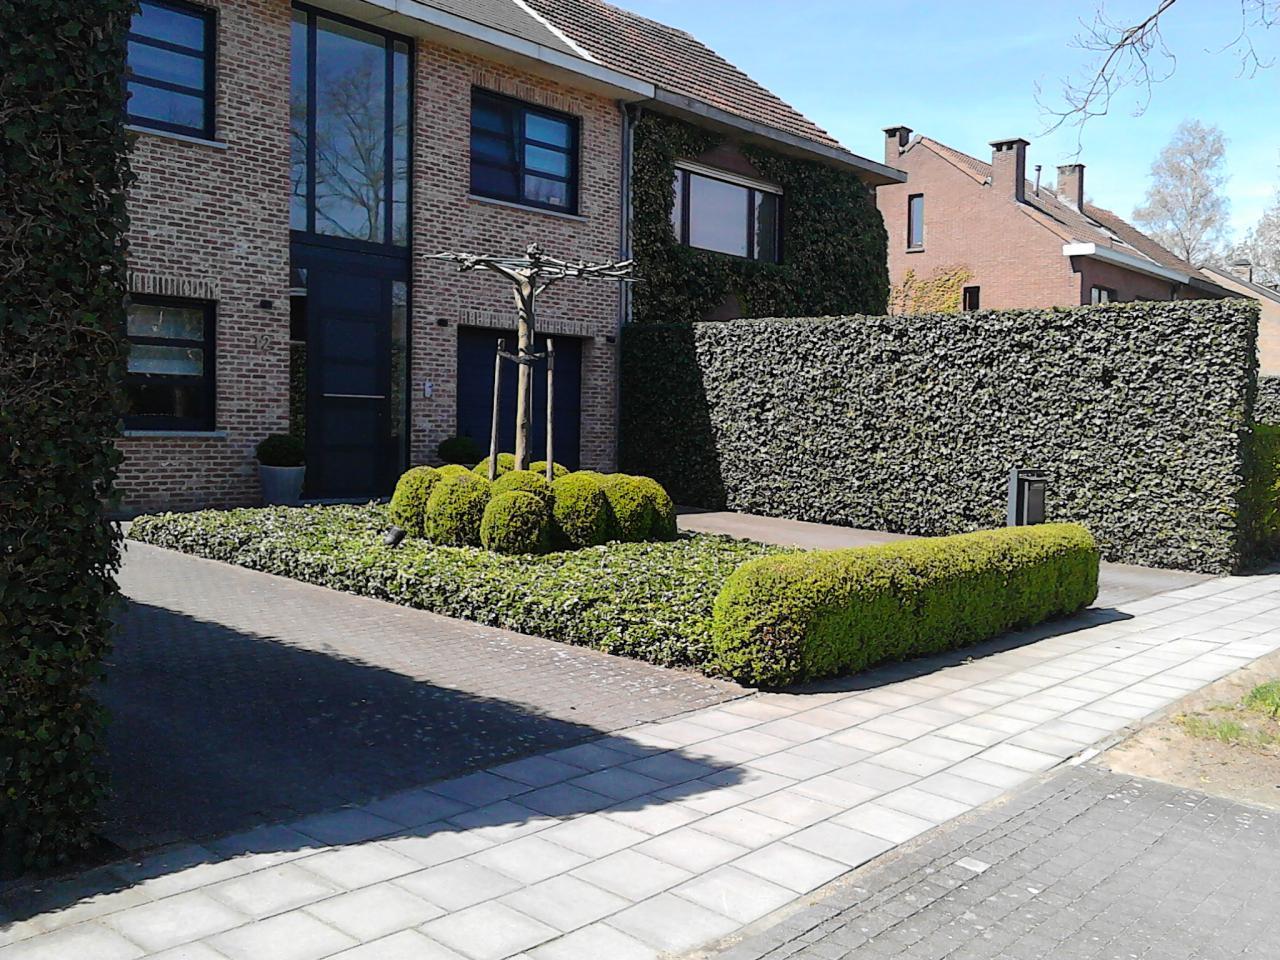 Uw tuin ontwerpen renoveren of aanleggen in antwerpen for Tuin renoveren